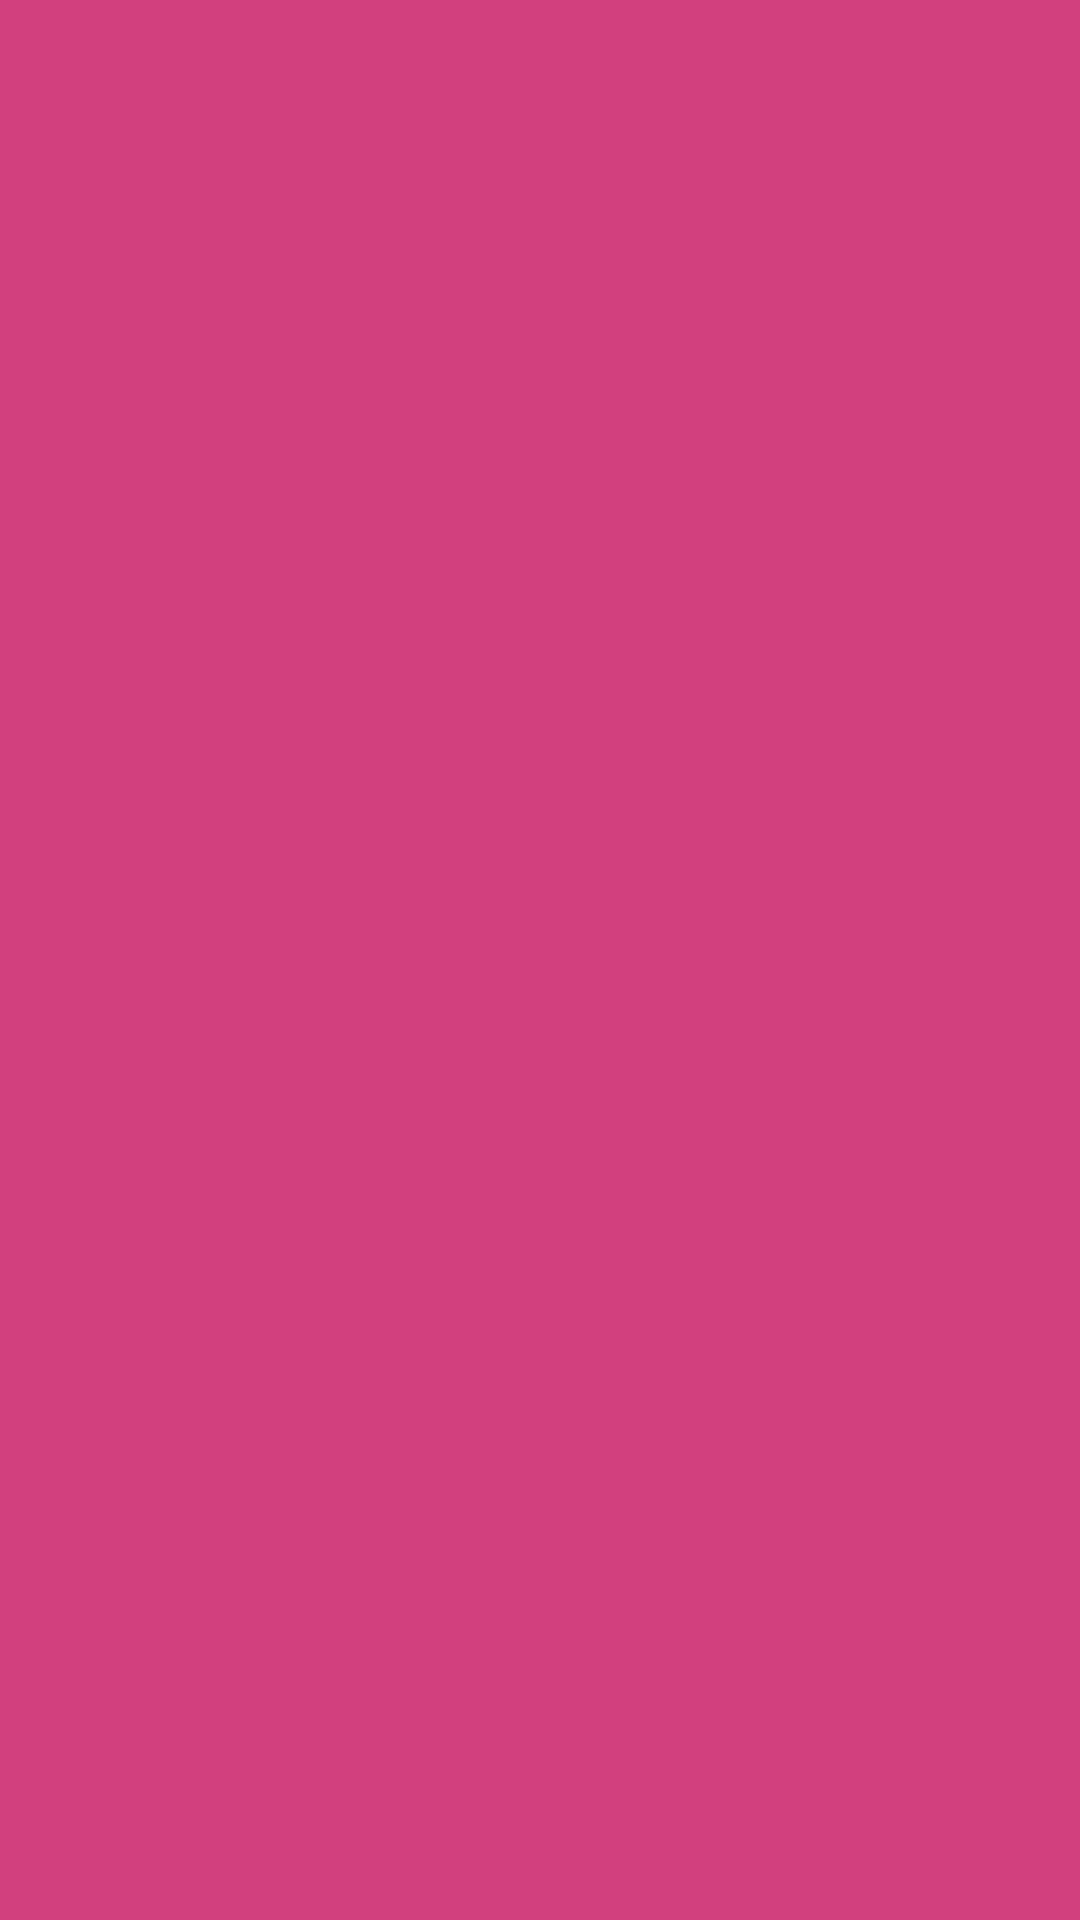 1080x1920 Magenta Pantone Solid Color Background